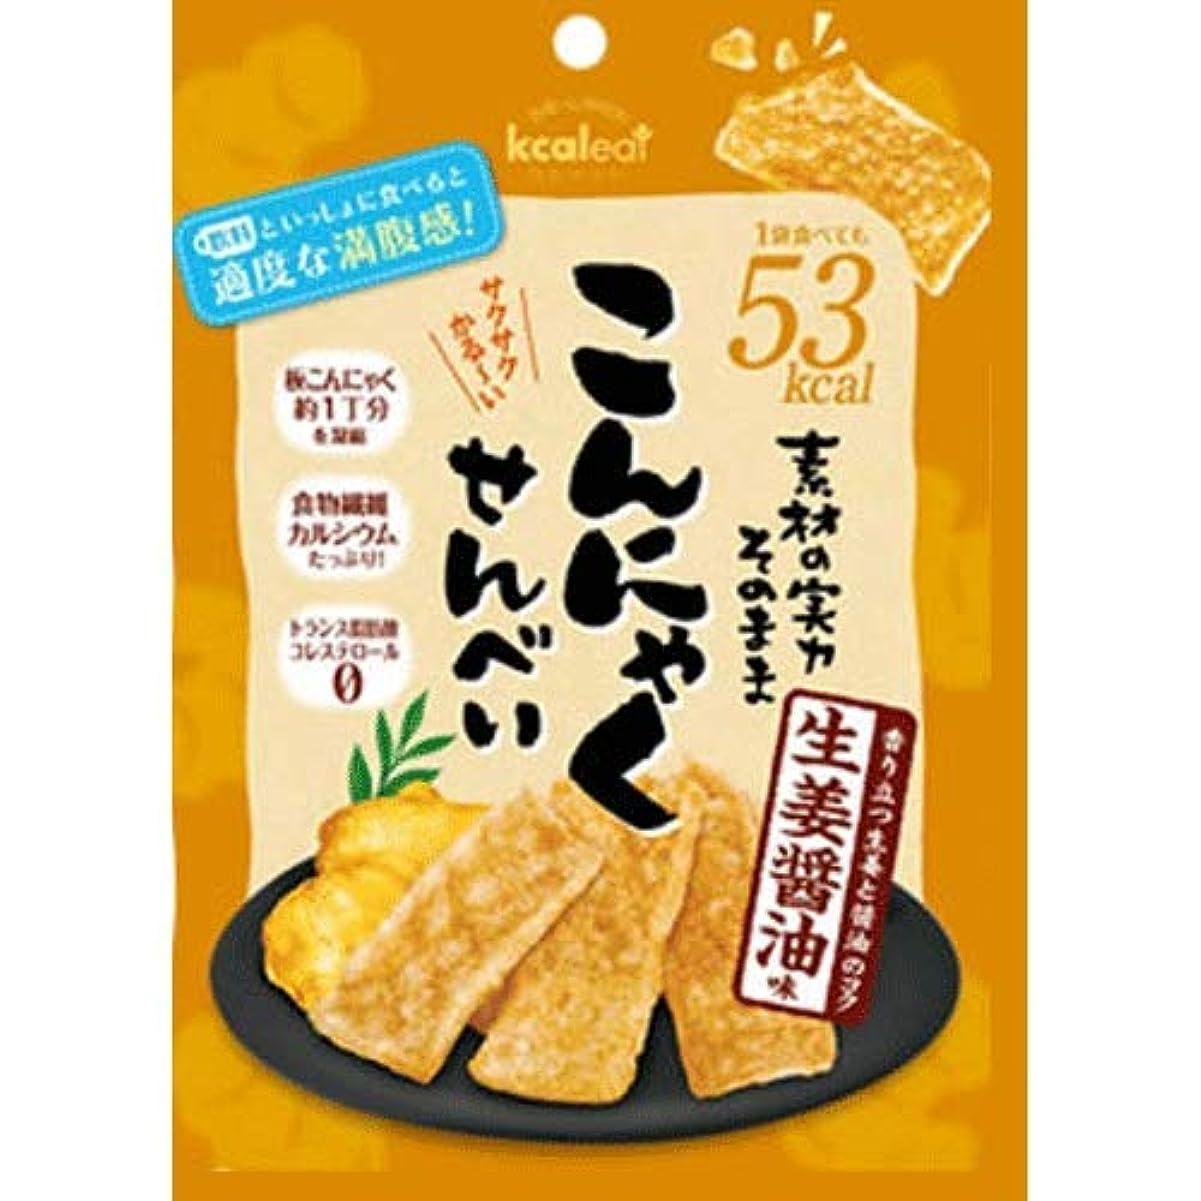 アジア試すメインこんにゃくせんべい 生姜醤油 15g (20袋セット) [並行輸入品]